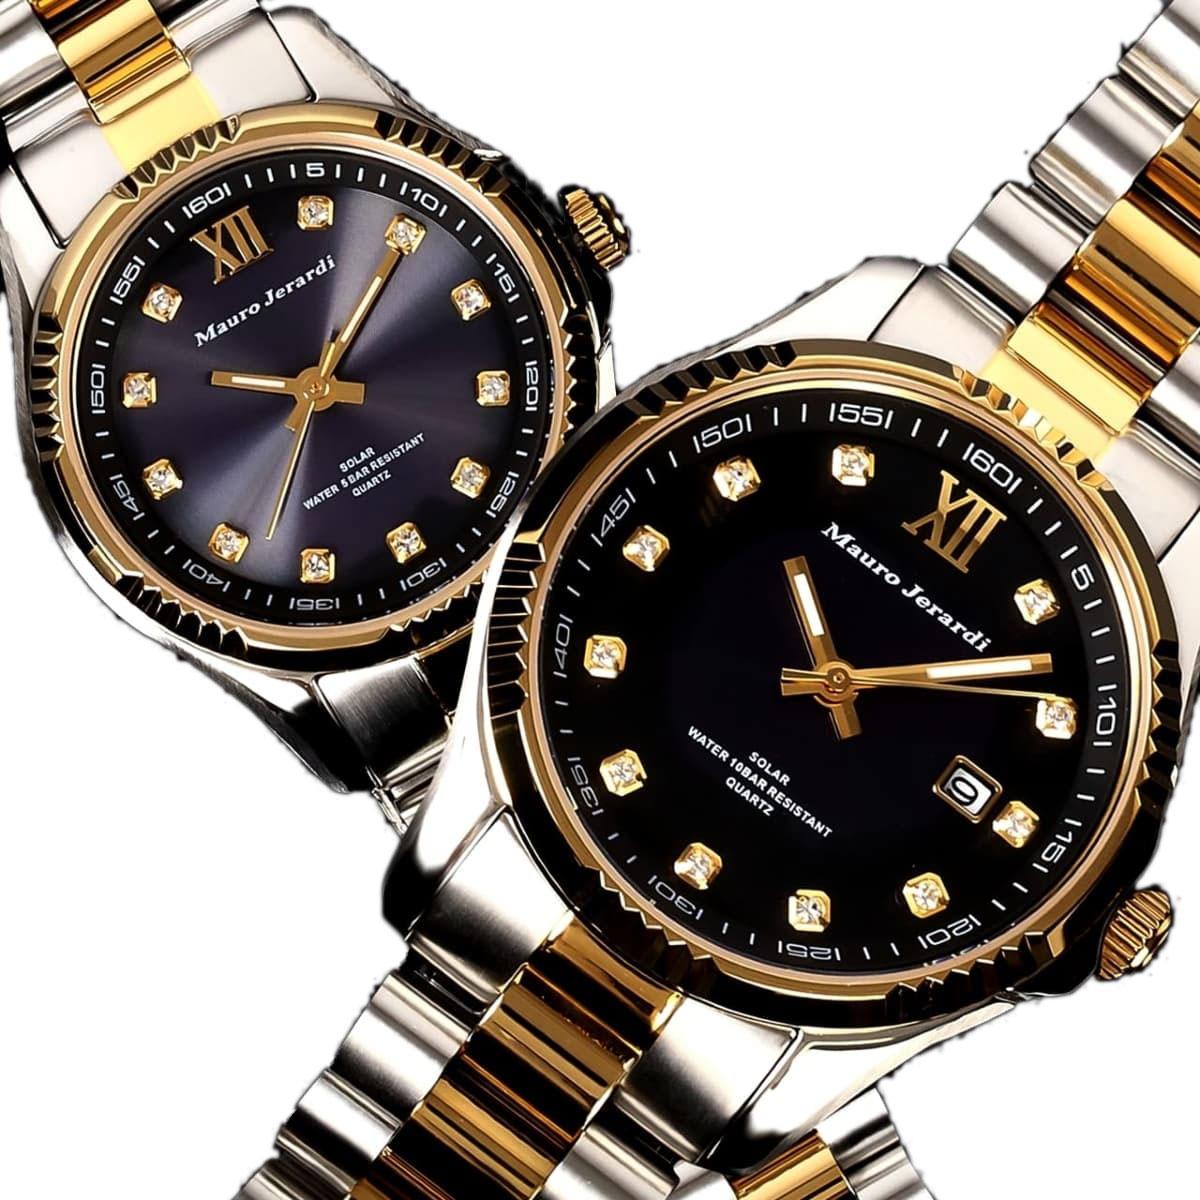 マウロジェラルディ 腕時計 ペア ペアウォッチ Mauro Jerardi ソーラー MJ037-2 MJ038-2